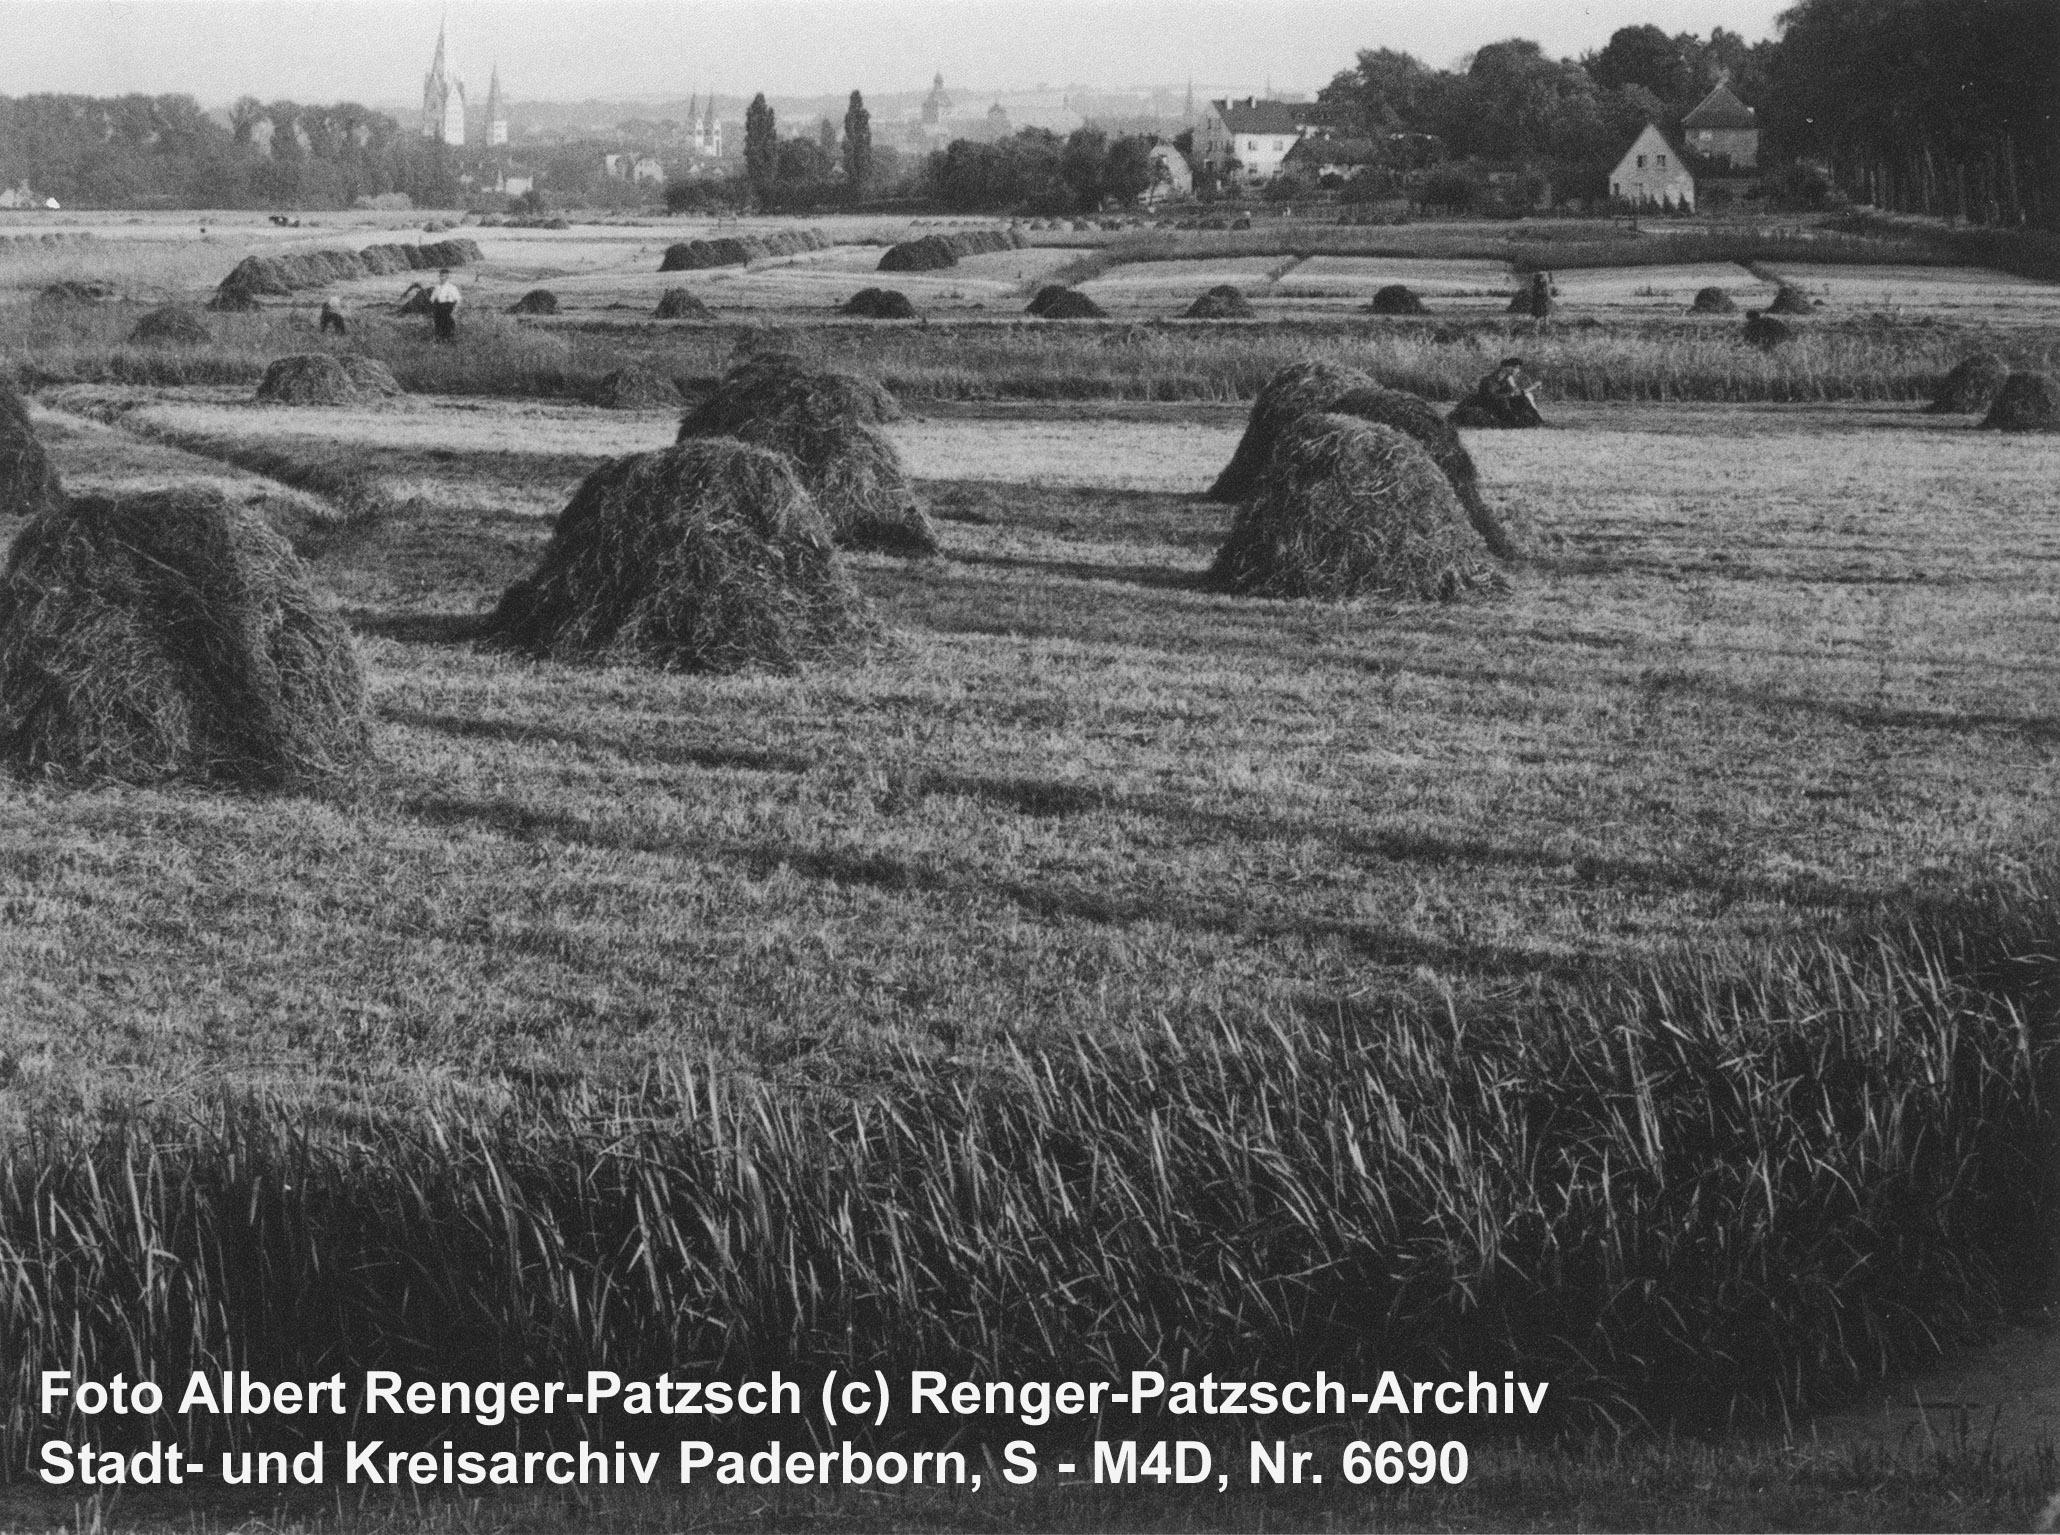 Heuernte auf den Paderwiesen, um 1940 (Kreis- und StadtA Pb, Foto Ferdinand Sieweke, S - M5/01GD, Nr. 136)